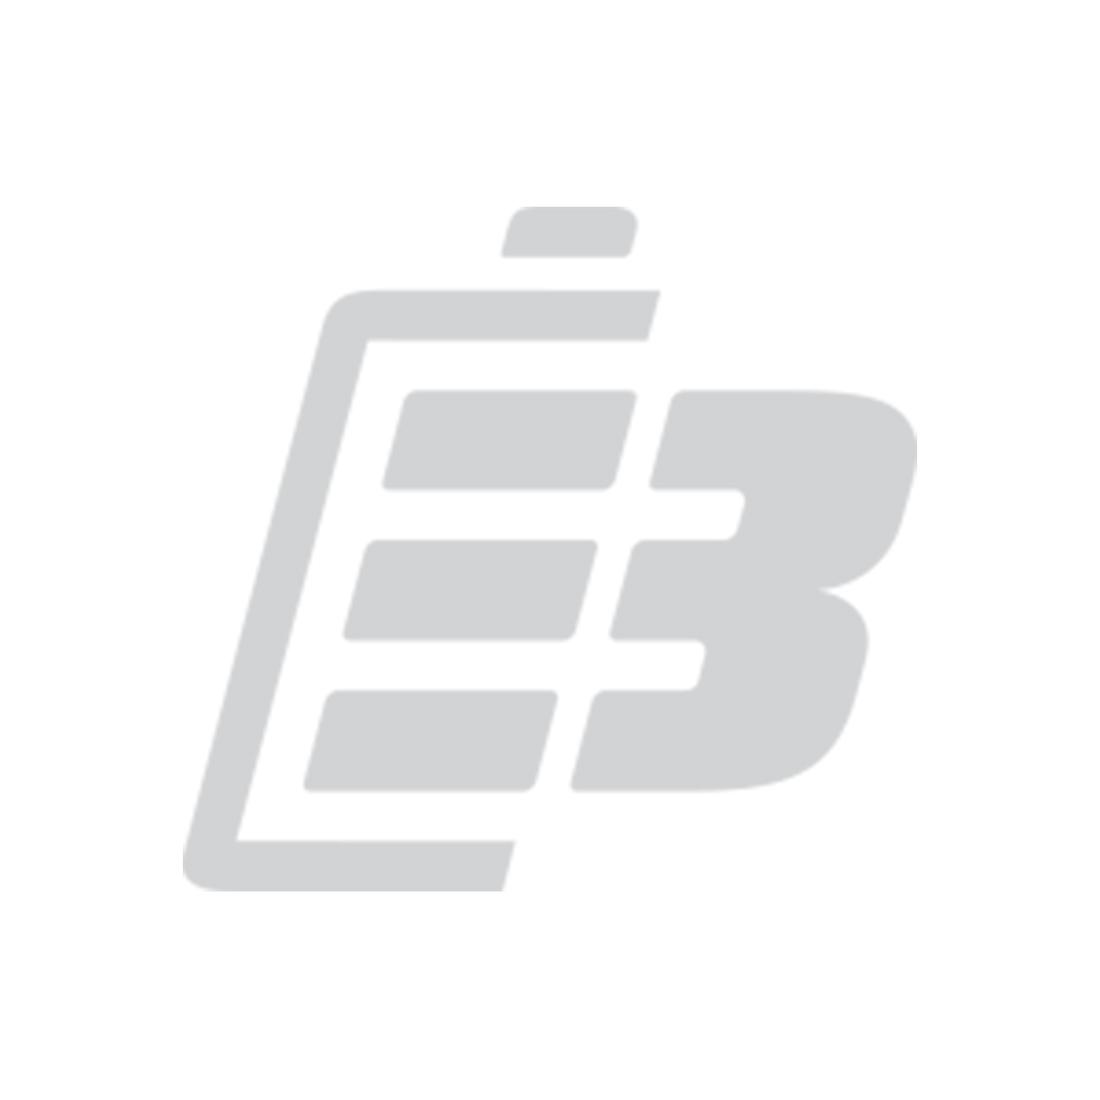 Camera battery Panasonic CGA-S005_1